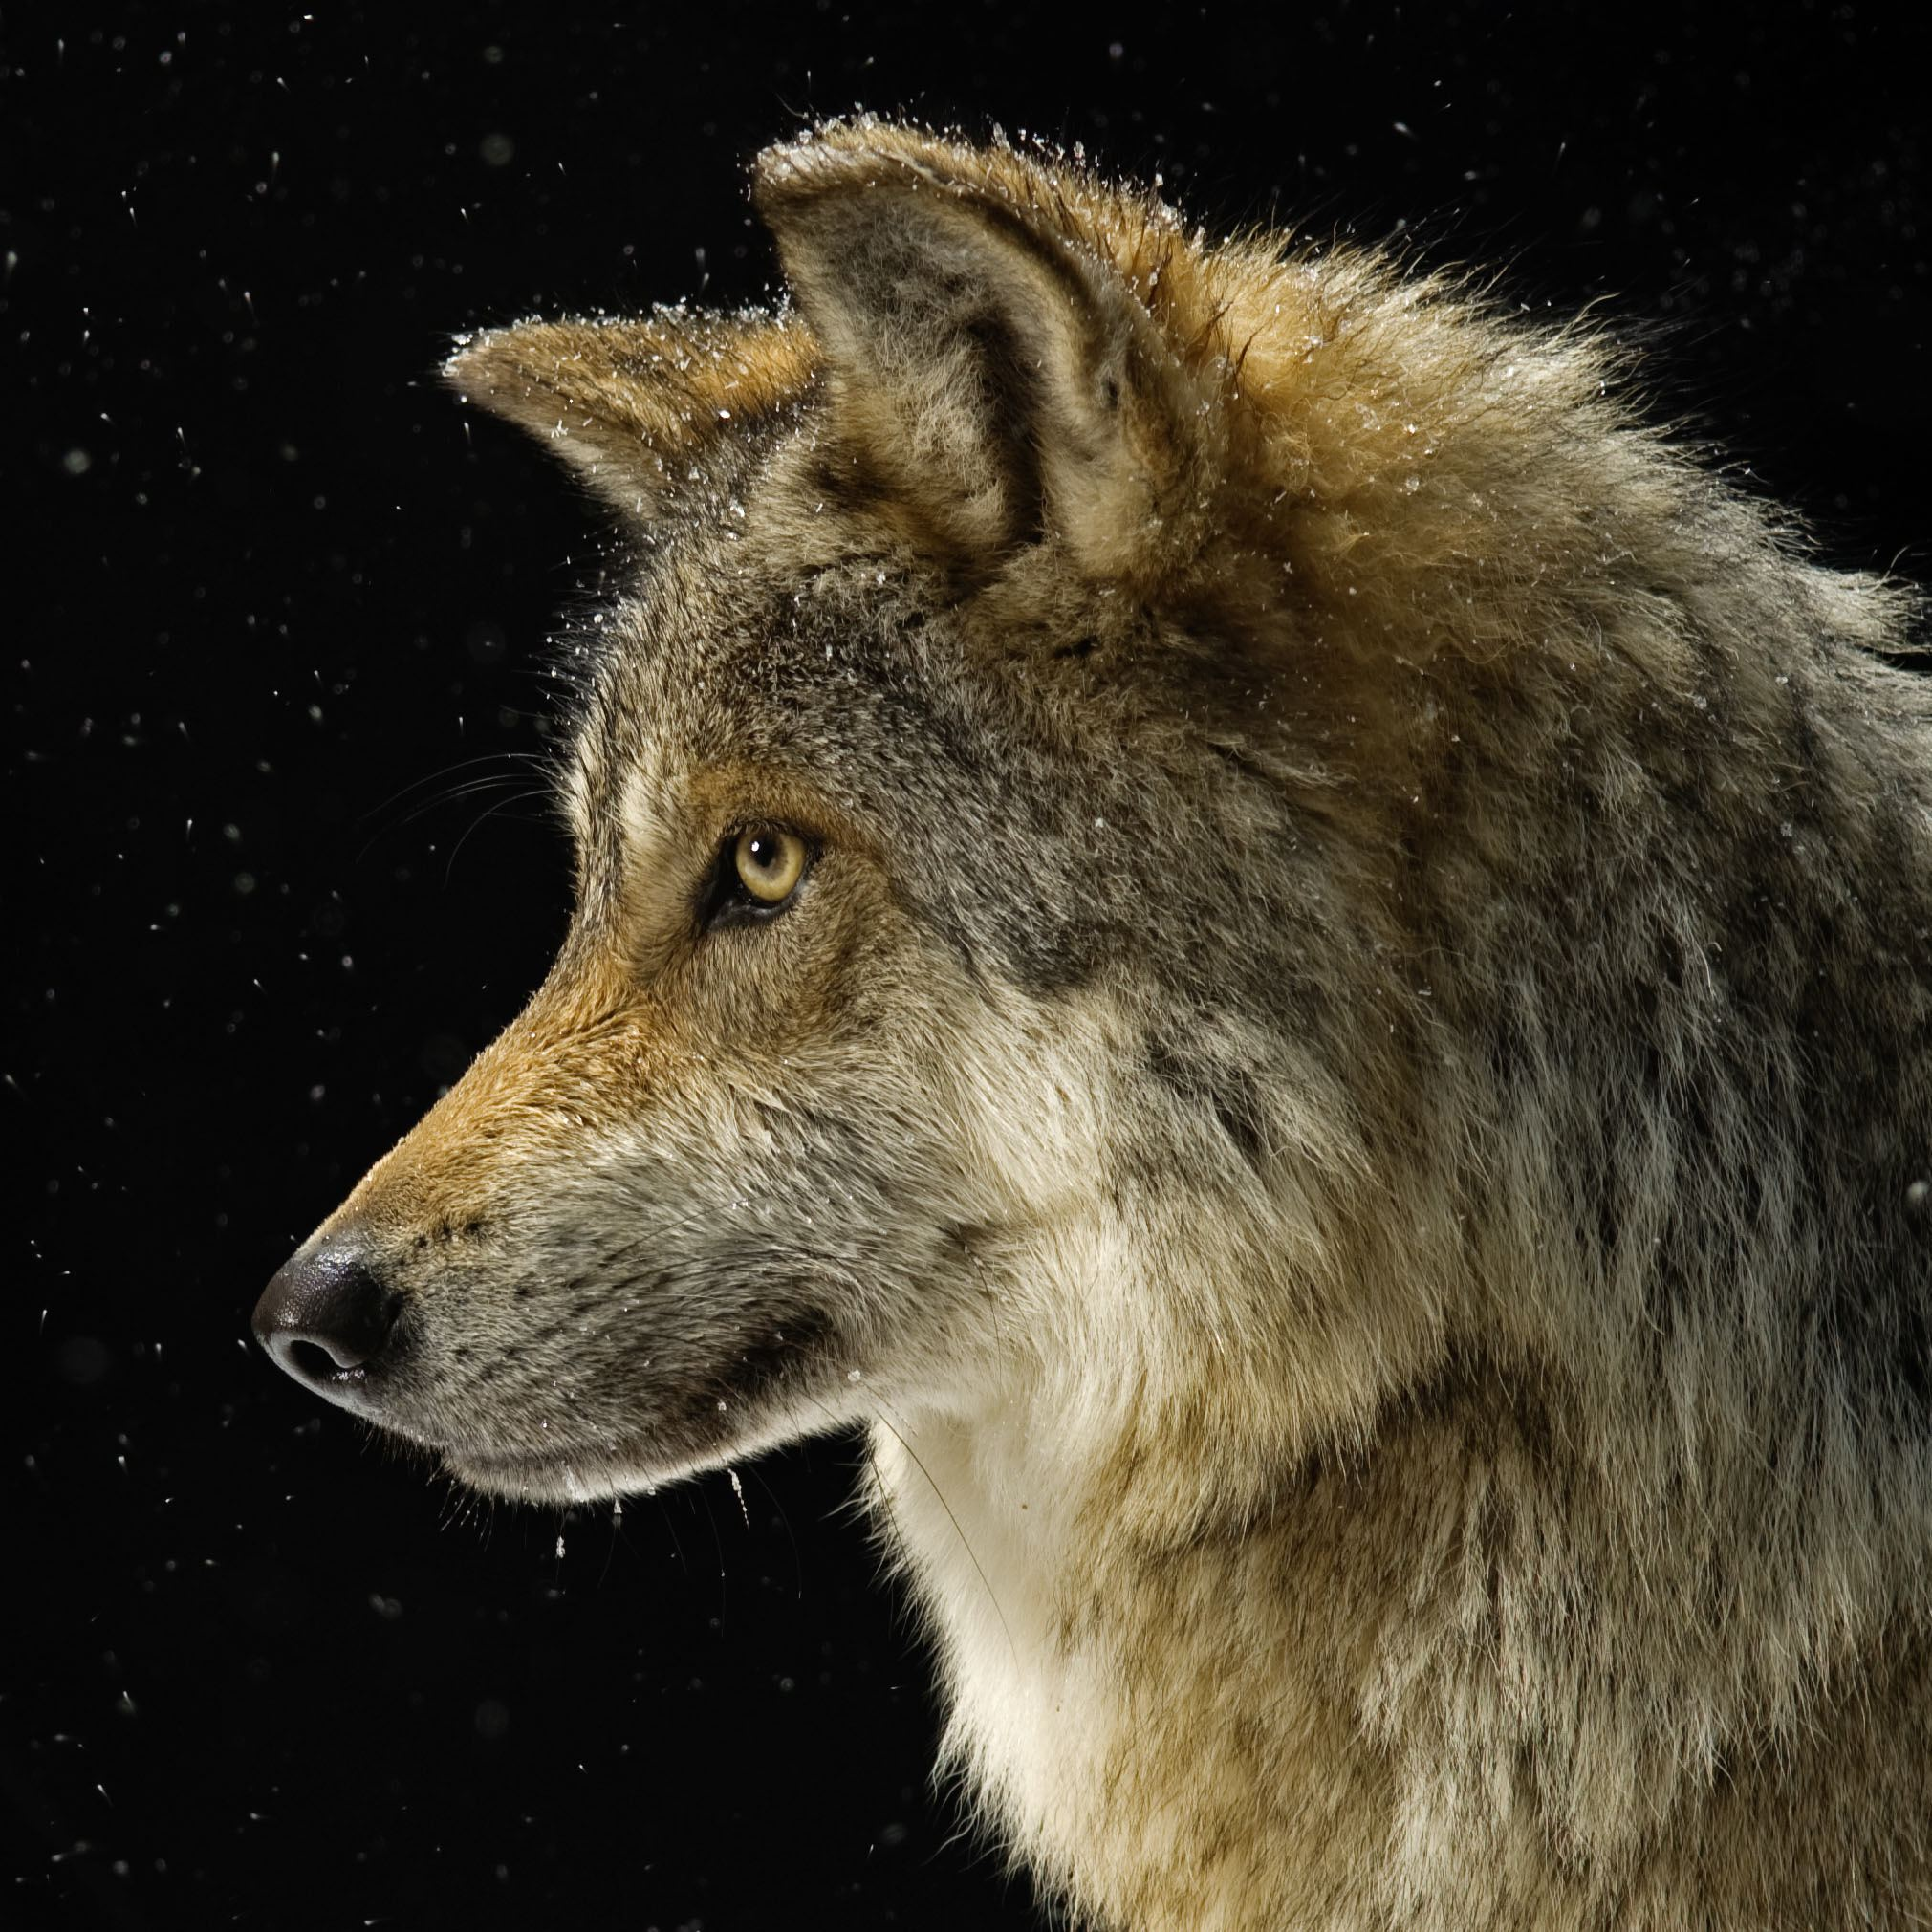 幻想的!狼のキレイな壁紙を高画質な画像でまとめました!